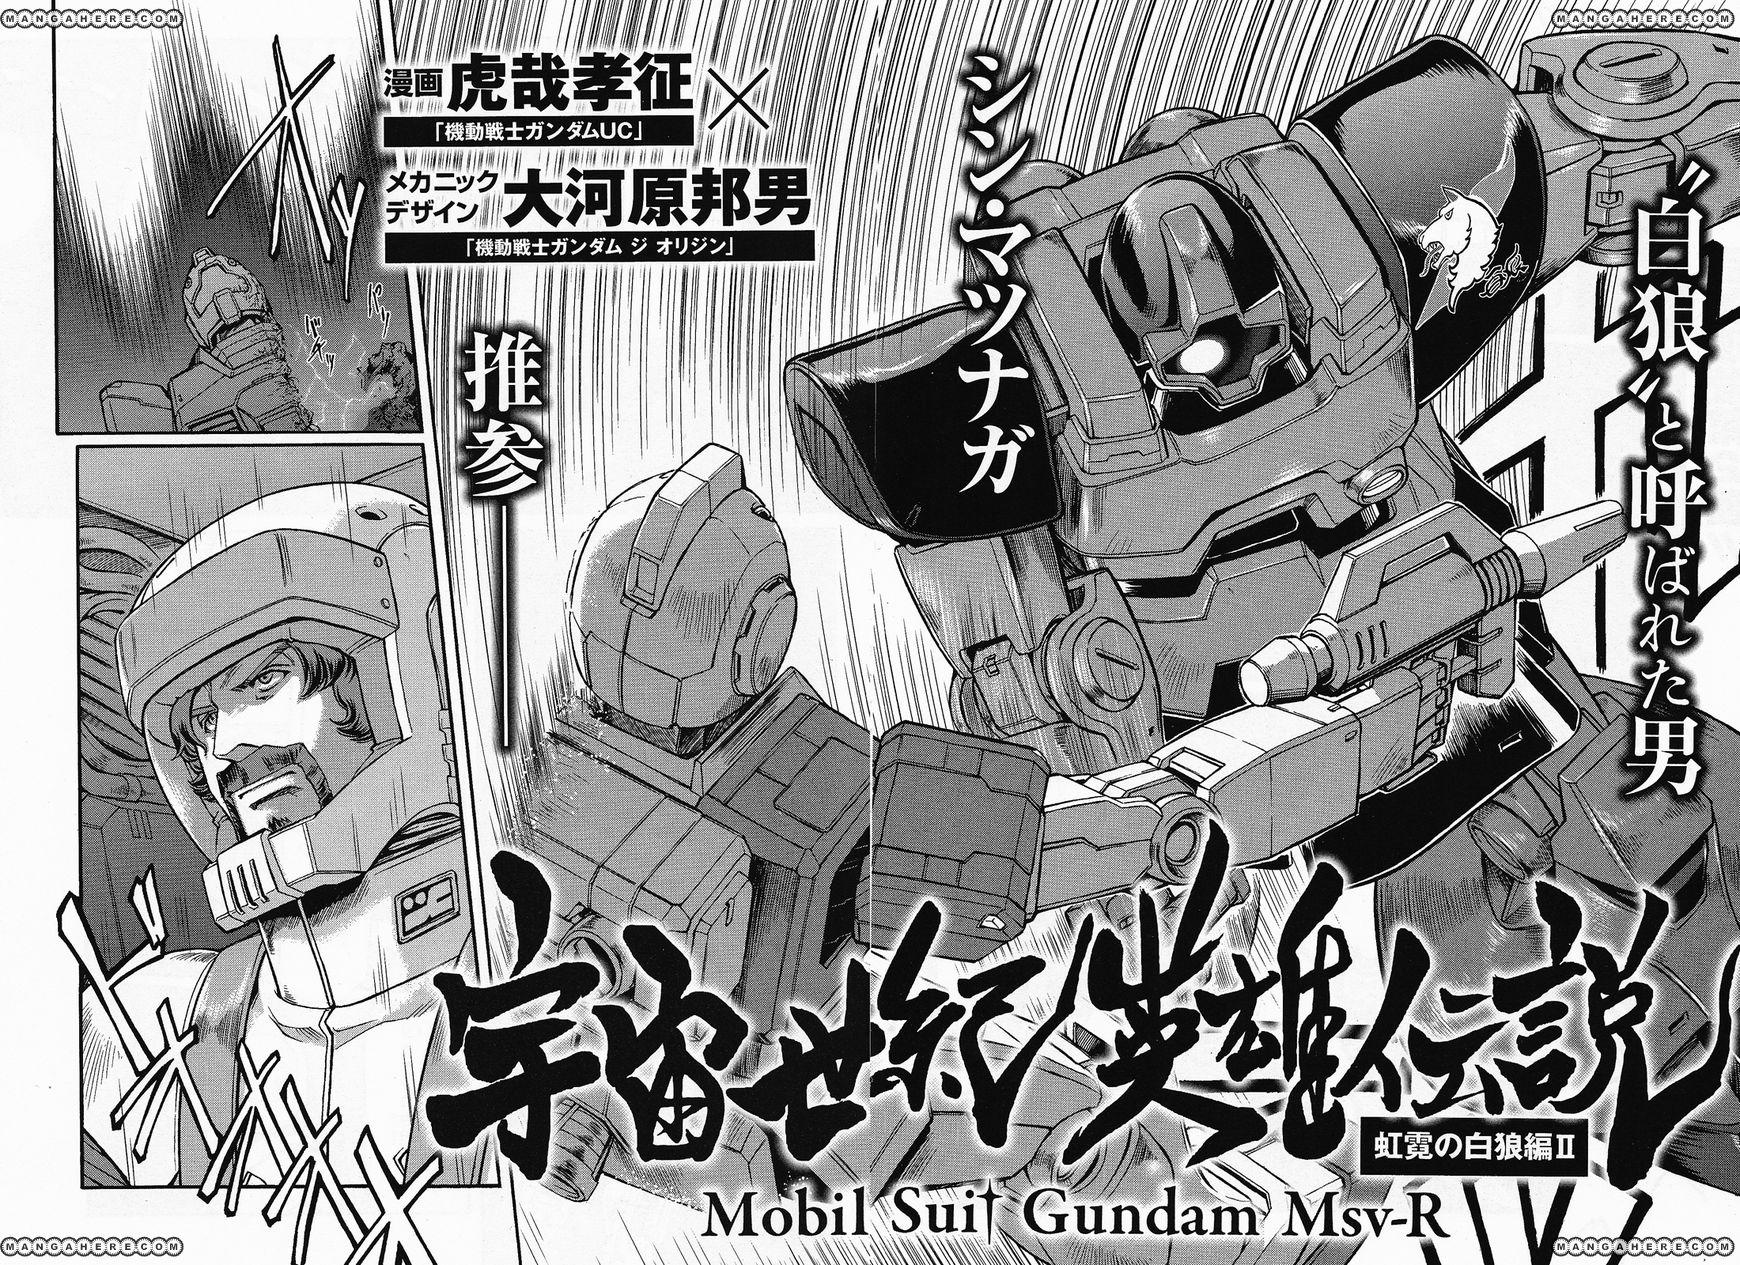 Uchuu Seiki Eiyuu Densetsu - Mobile Suit Gundam MSV-R 2 Page 2